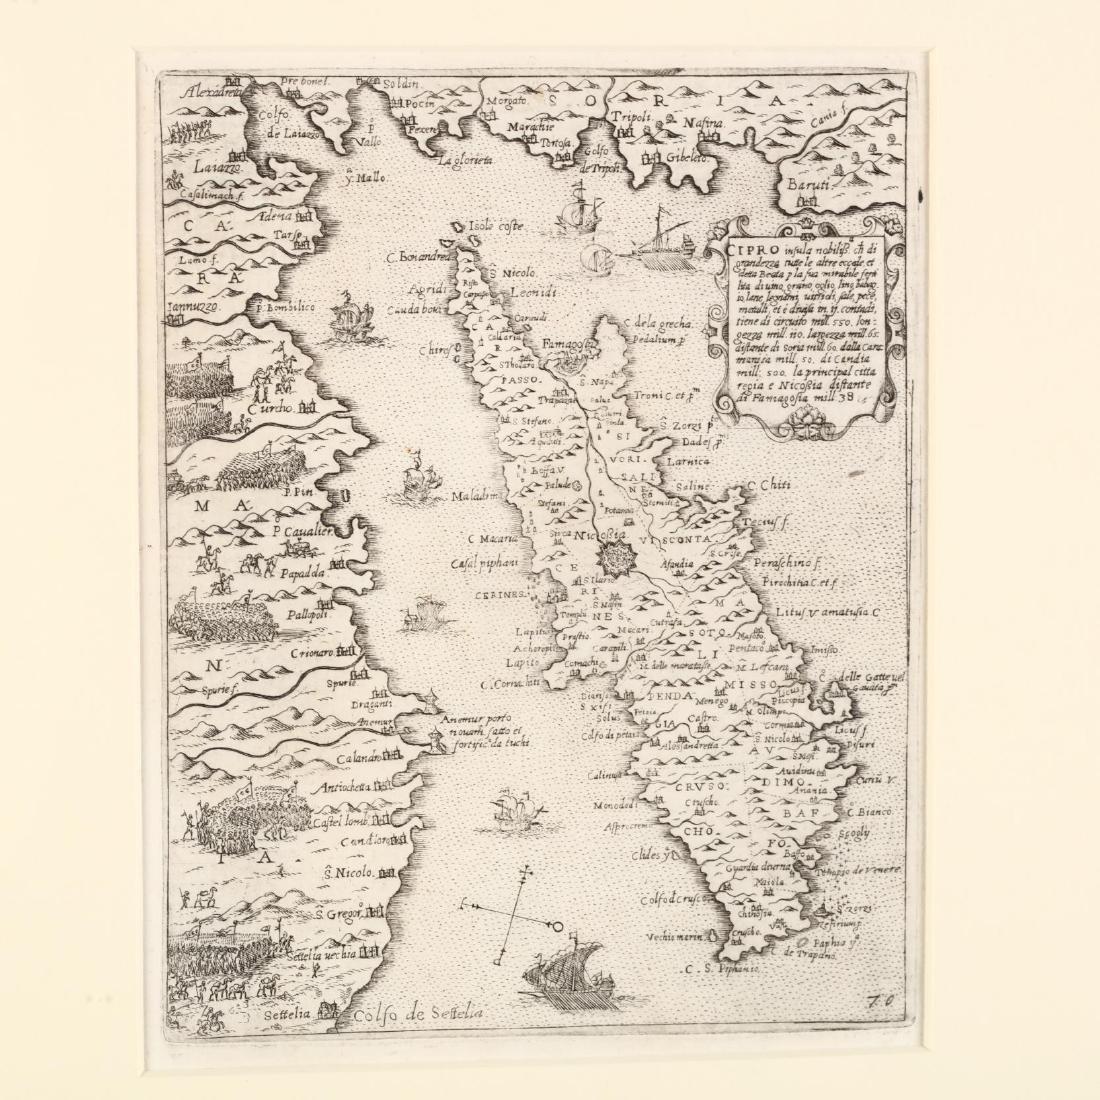 Camocio, Giovanni.  Cipro Insula - 2